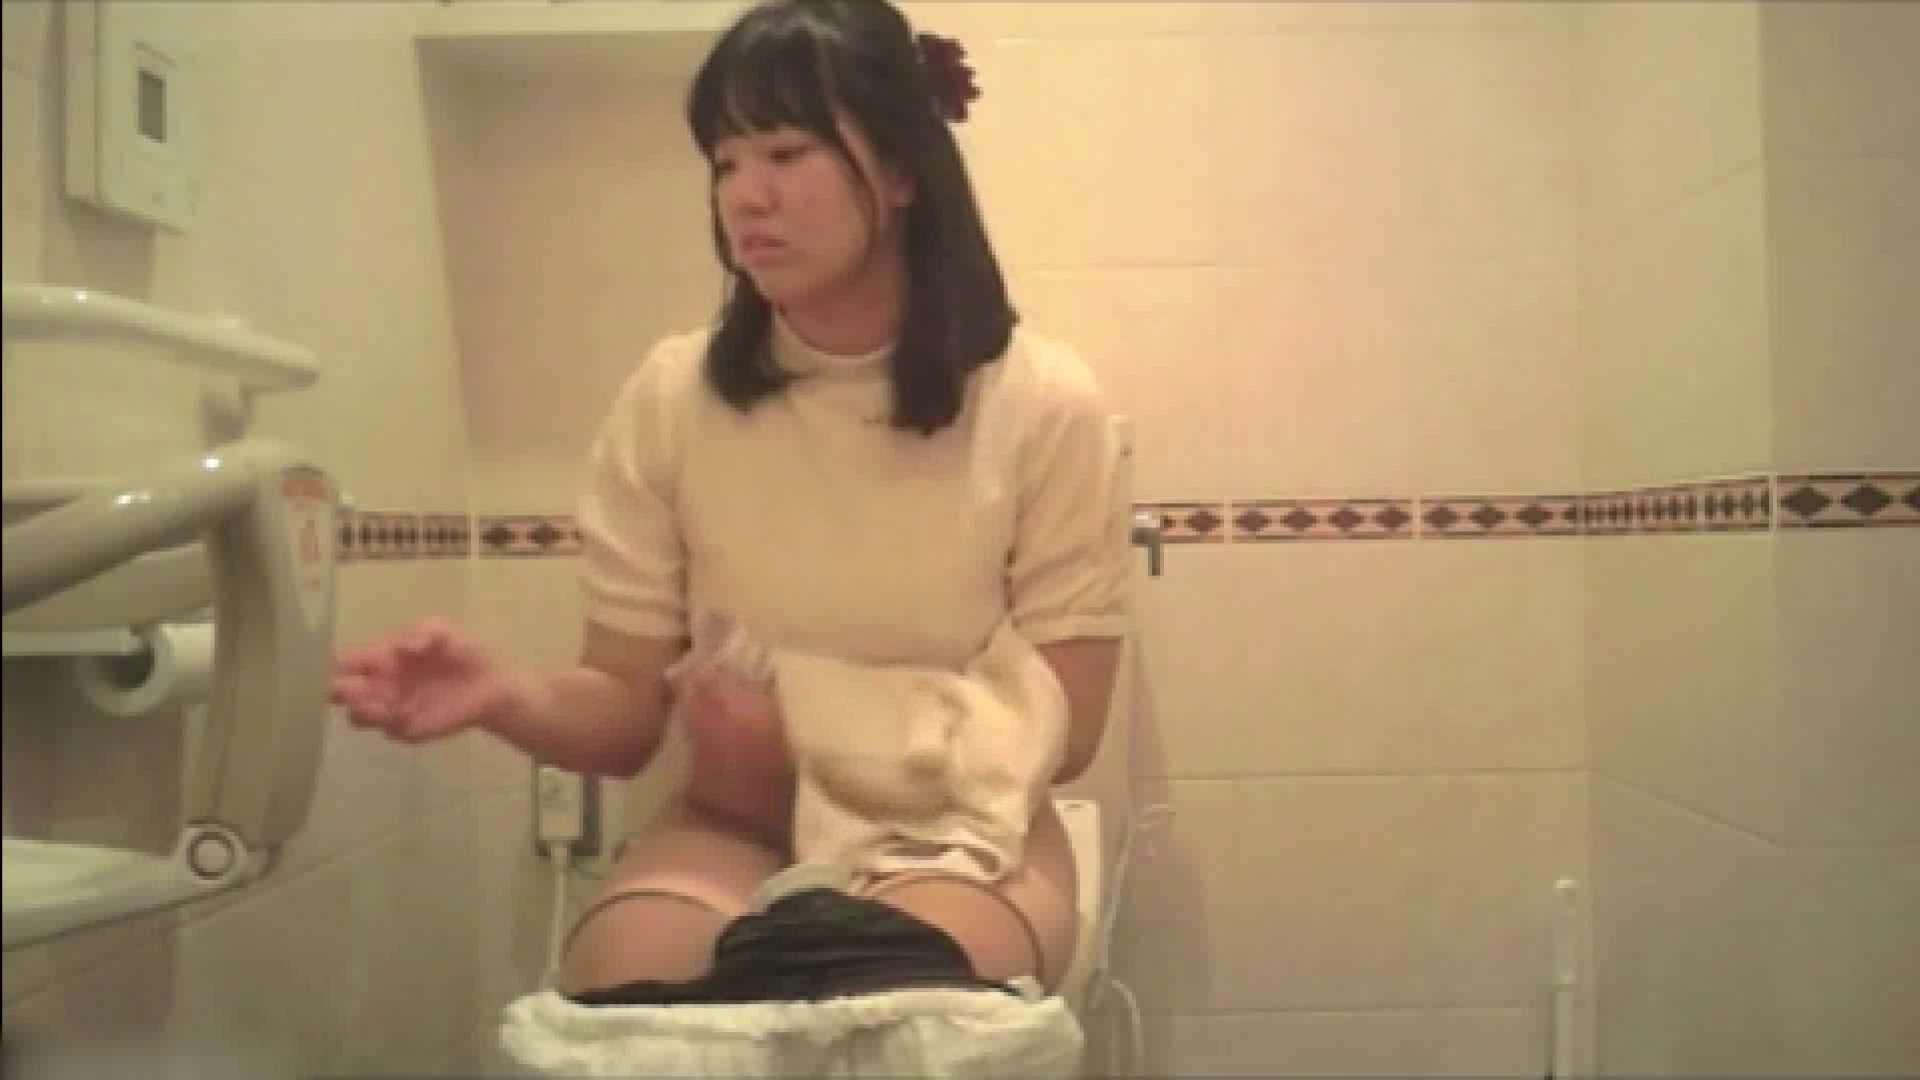 実録!!綺麗なお姉さんのトイレ事情・・・。vol.18 OLの実態 | お姉さん  70pic 19